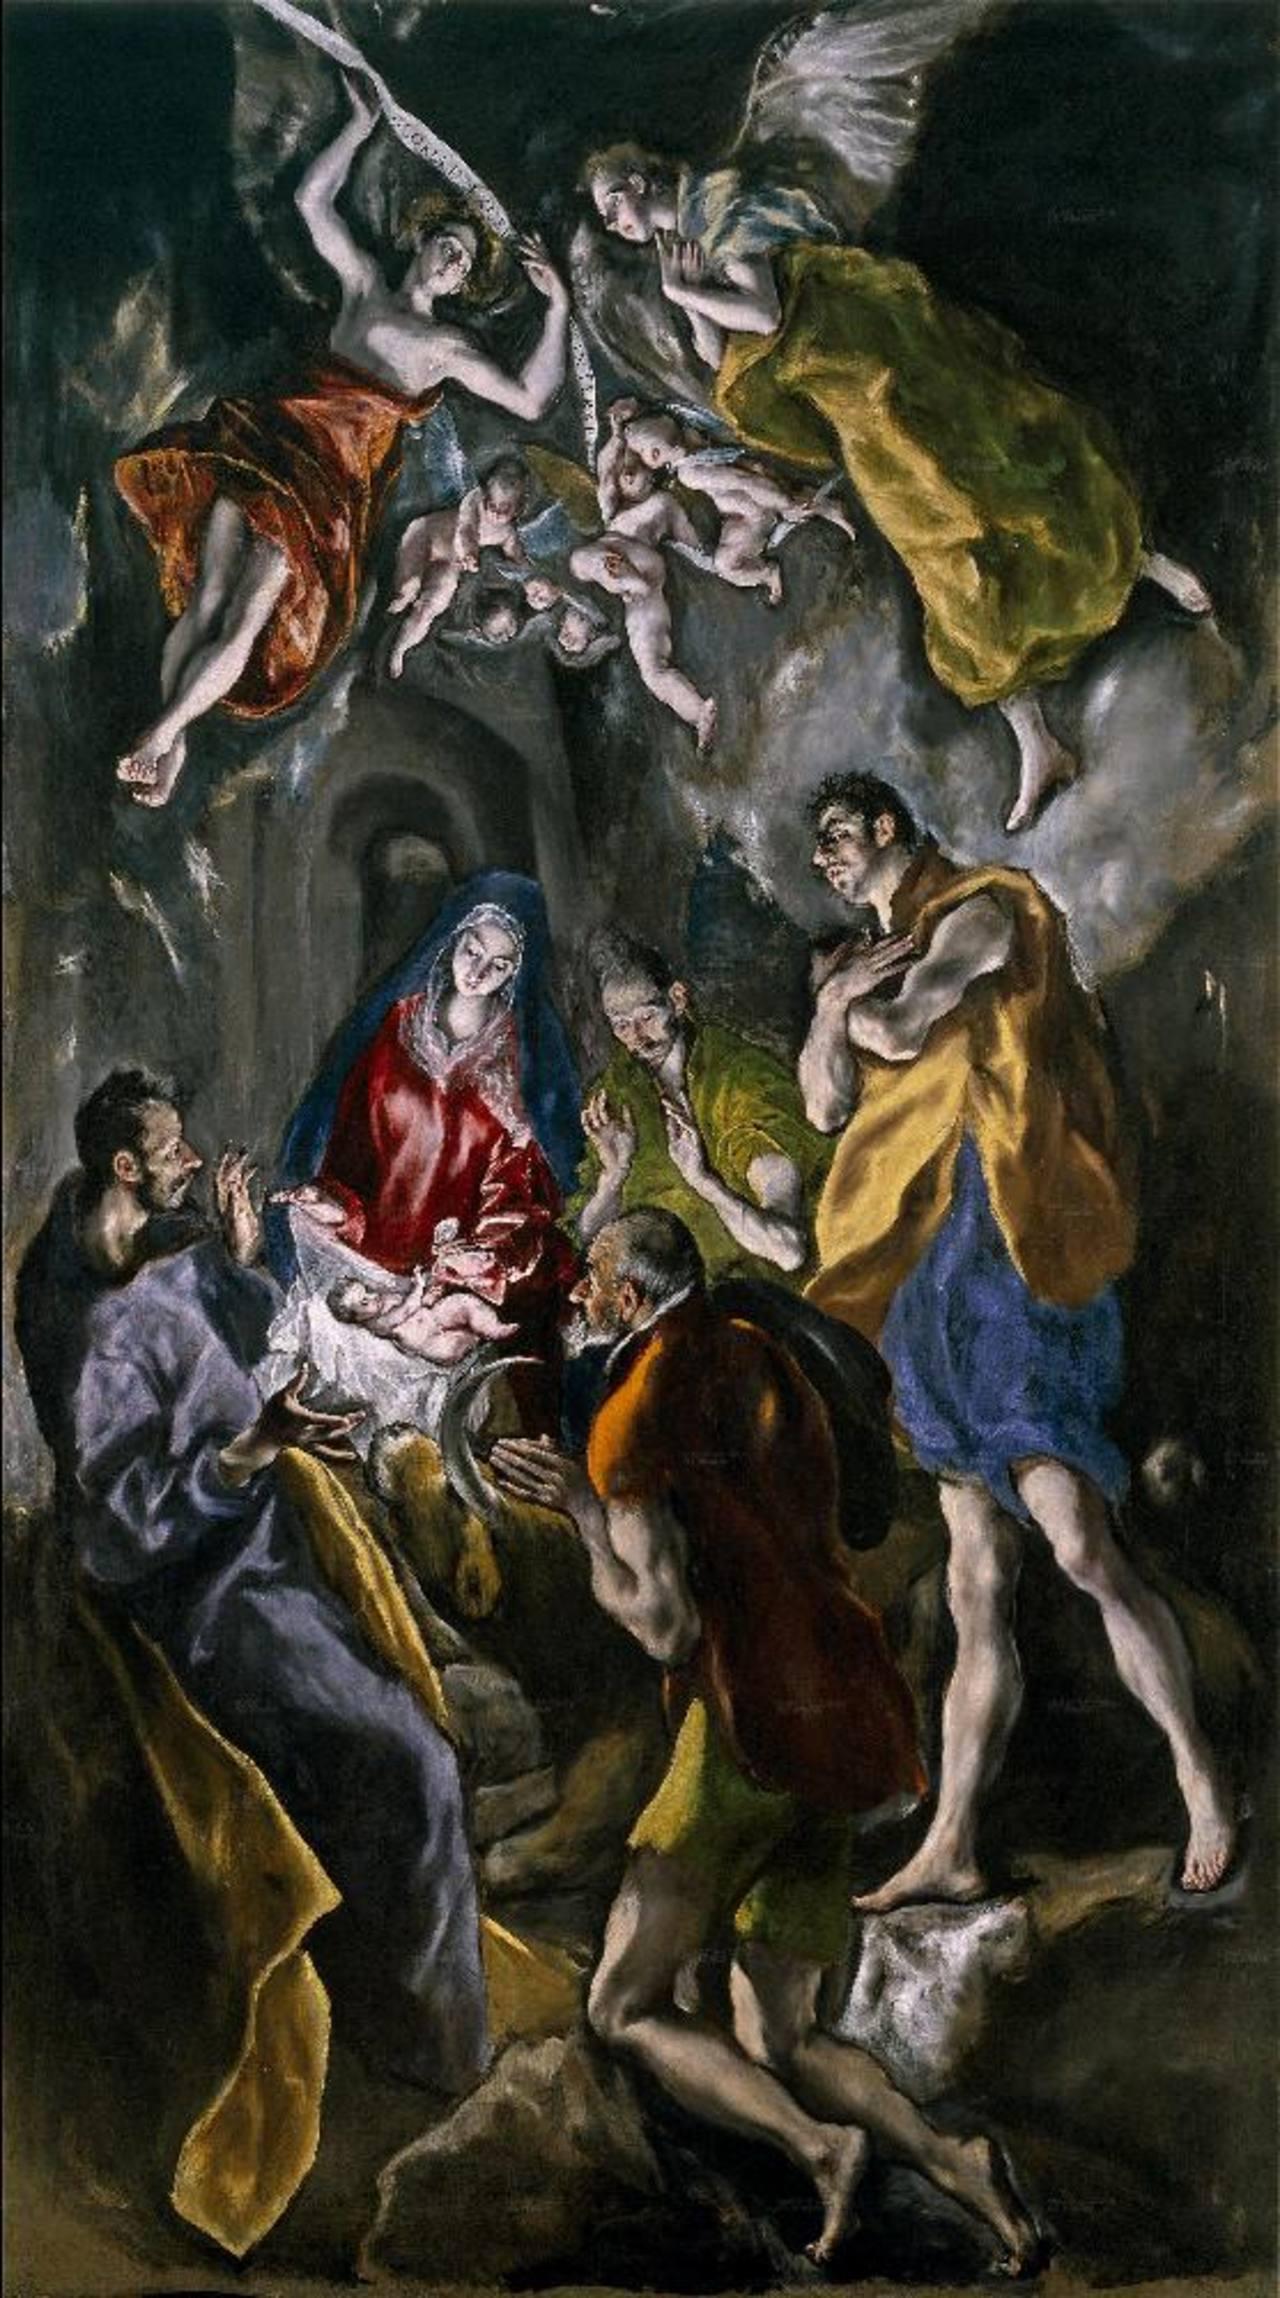 La consagrada obra de El Greco